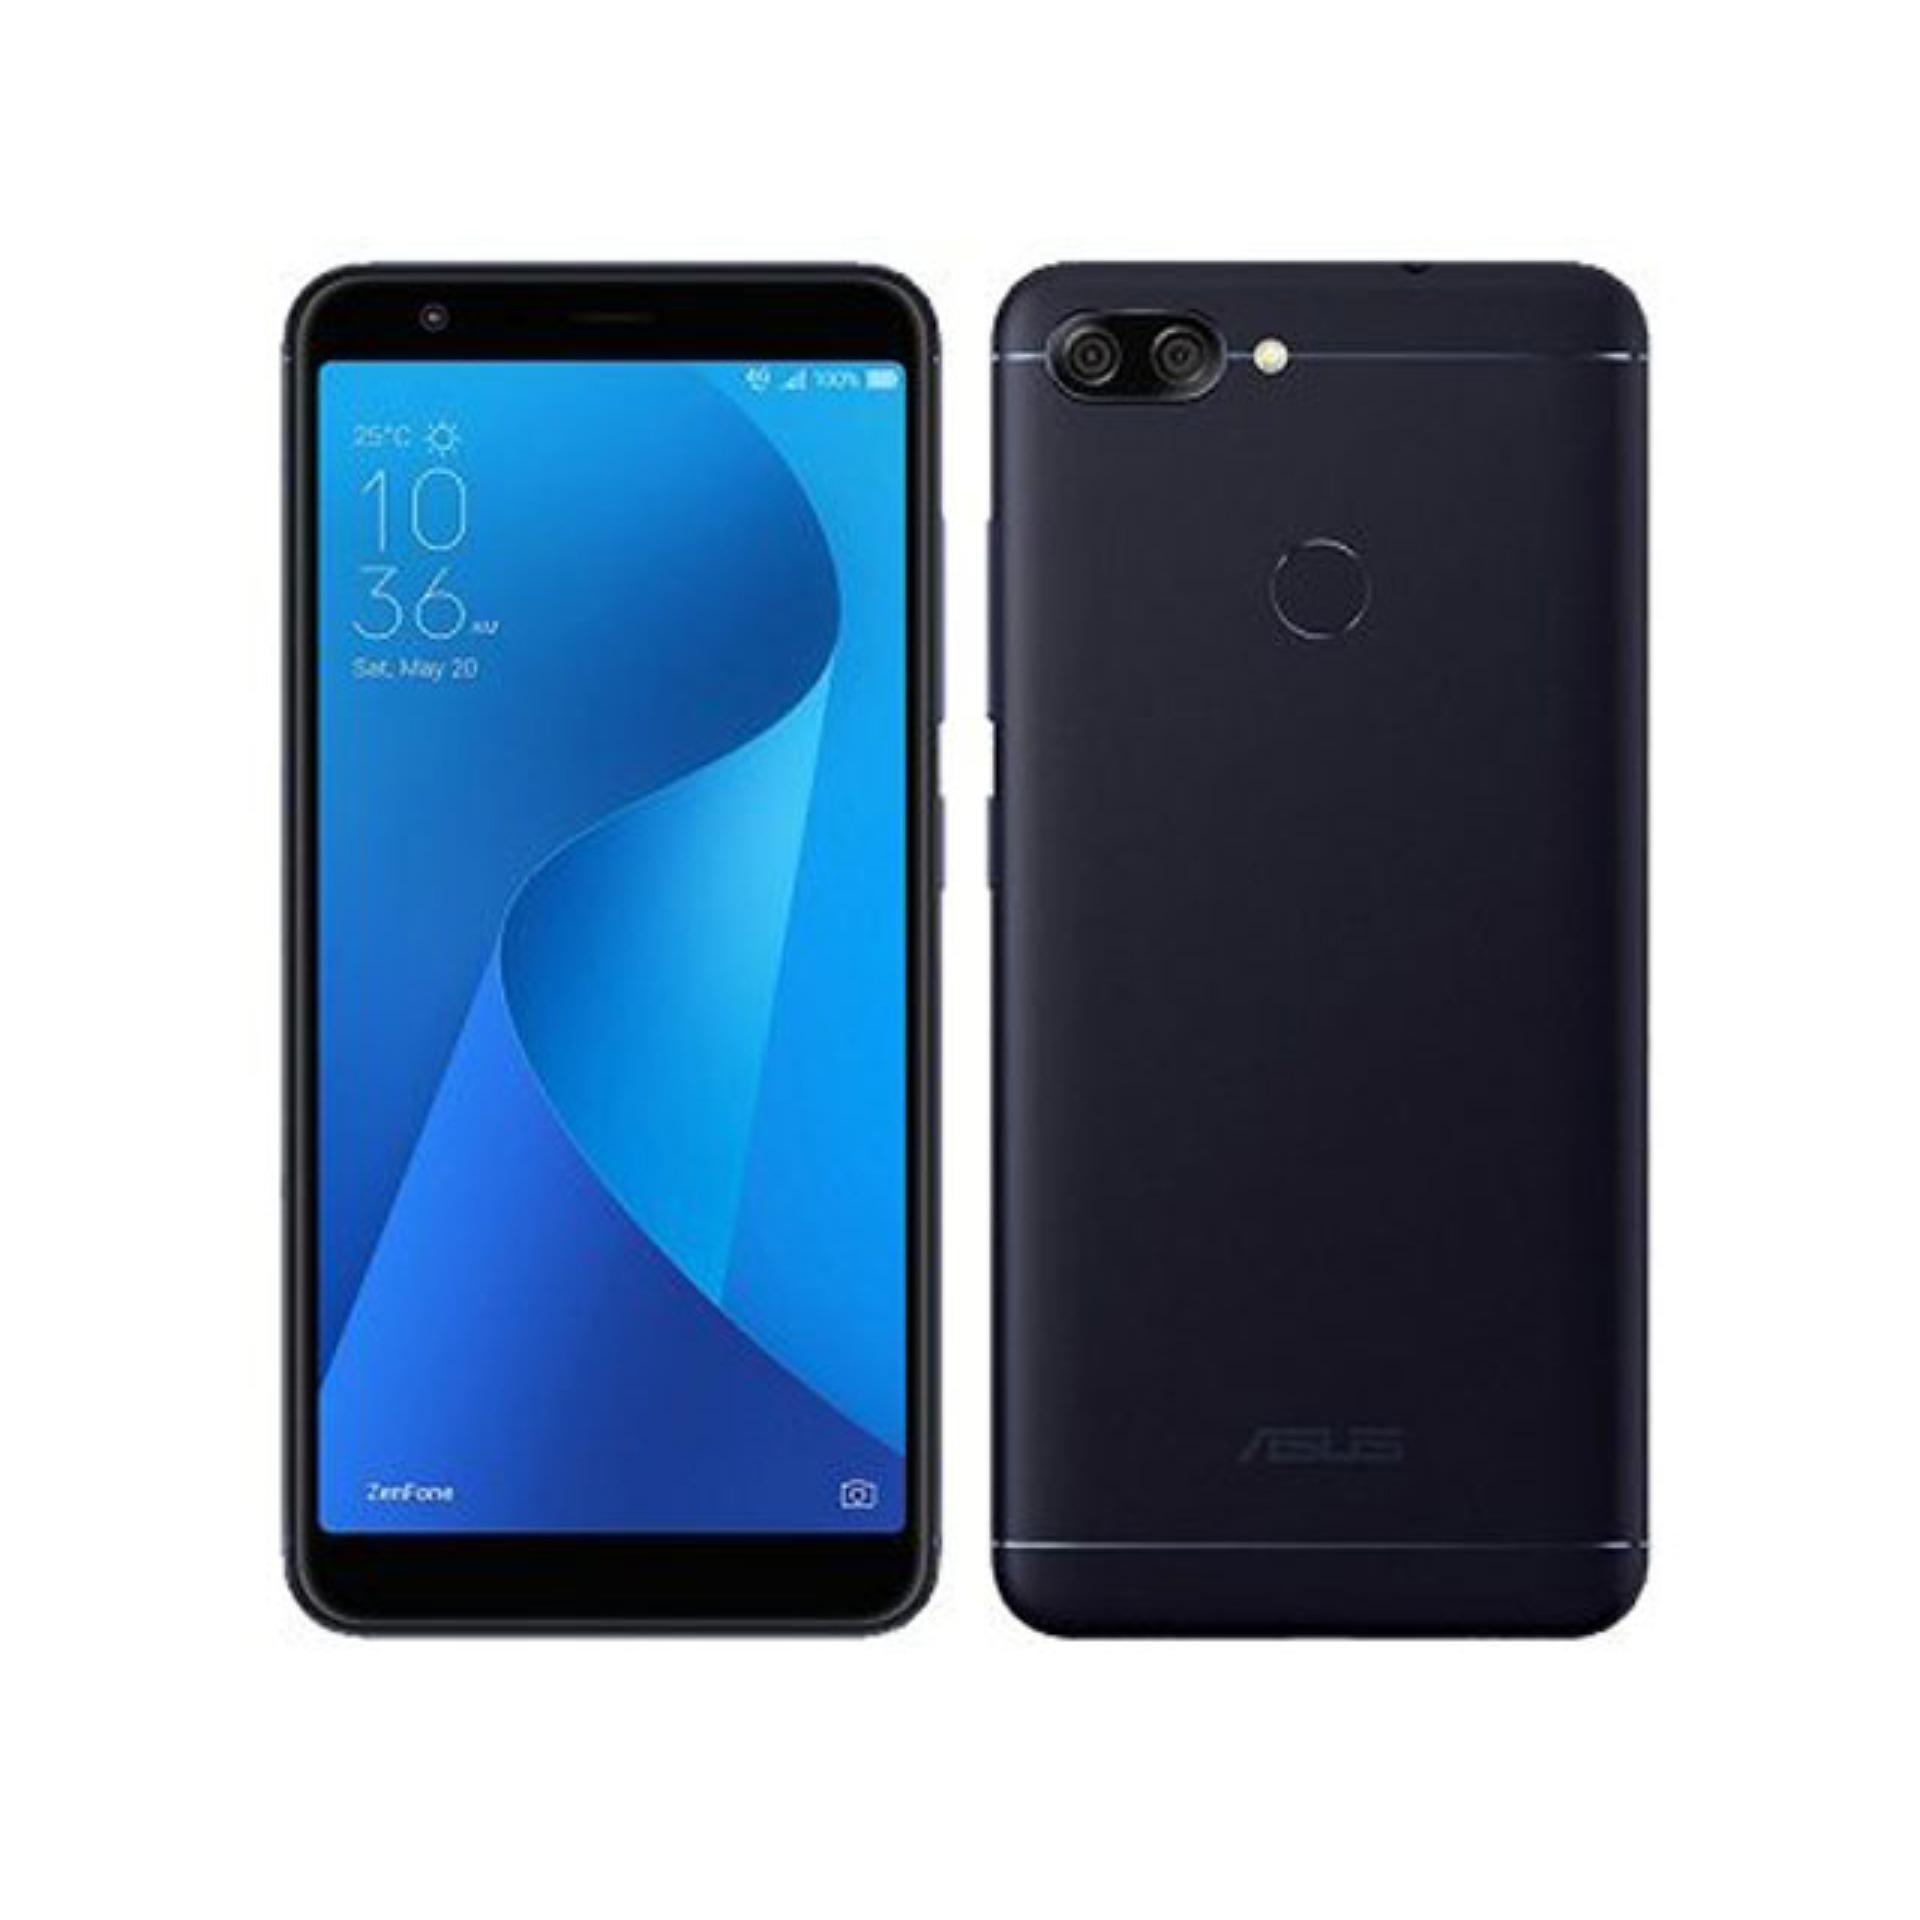 Điện thoại Asus Zenfone Max Plus M1 32GB 3GB RAM (ĐEN) – Hãng phân phối chính thức